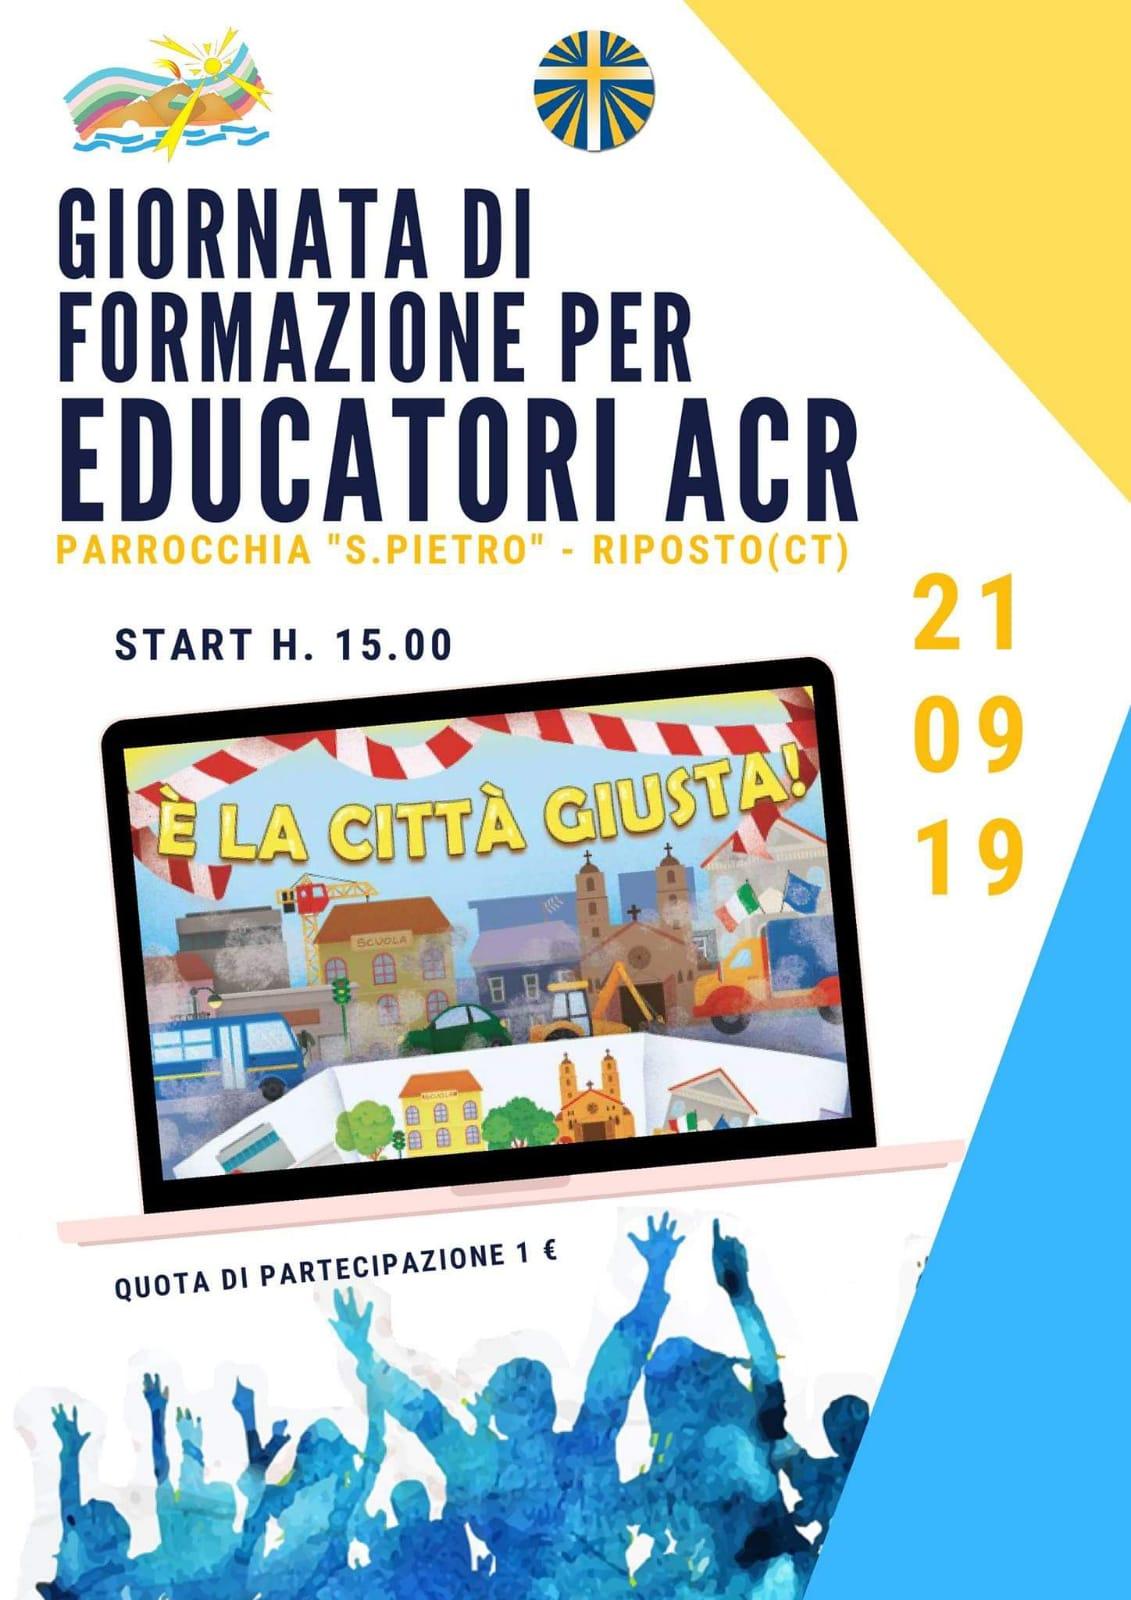 Giornata di formazione per educatori ACR